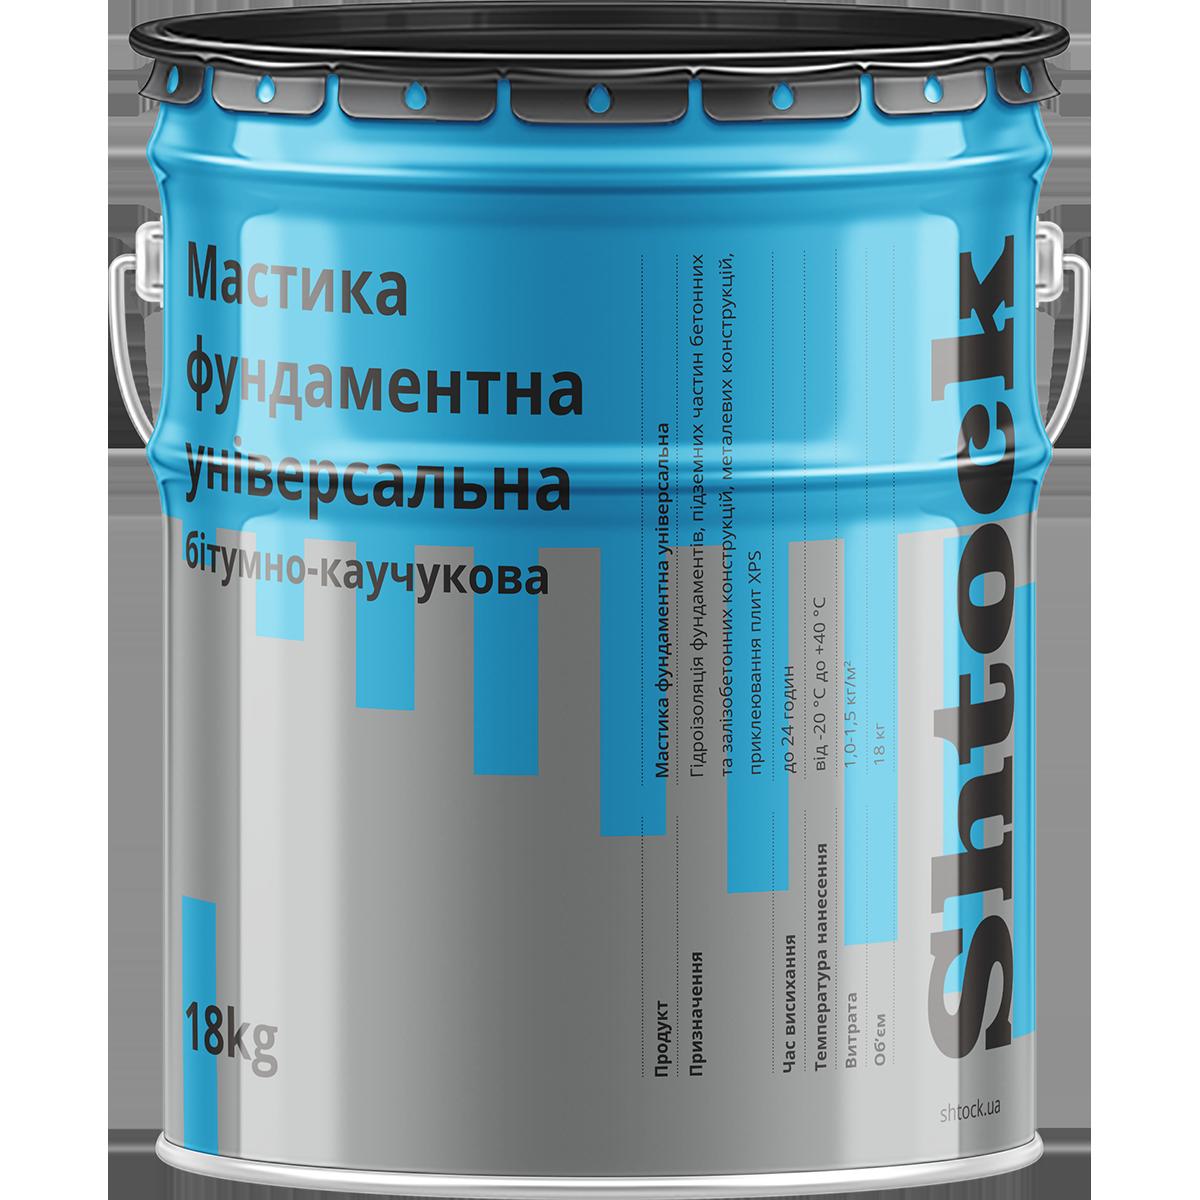 Мастика битумно-каучуковая фундаментная, 18 кг